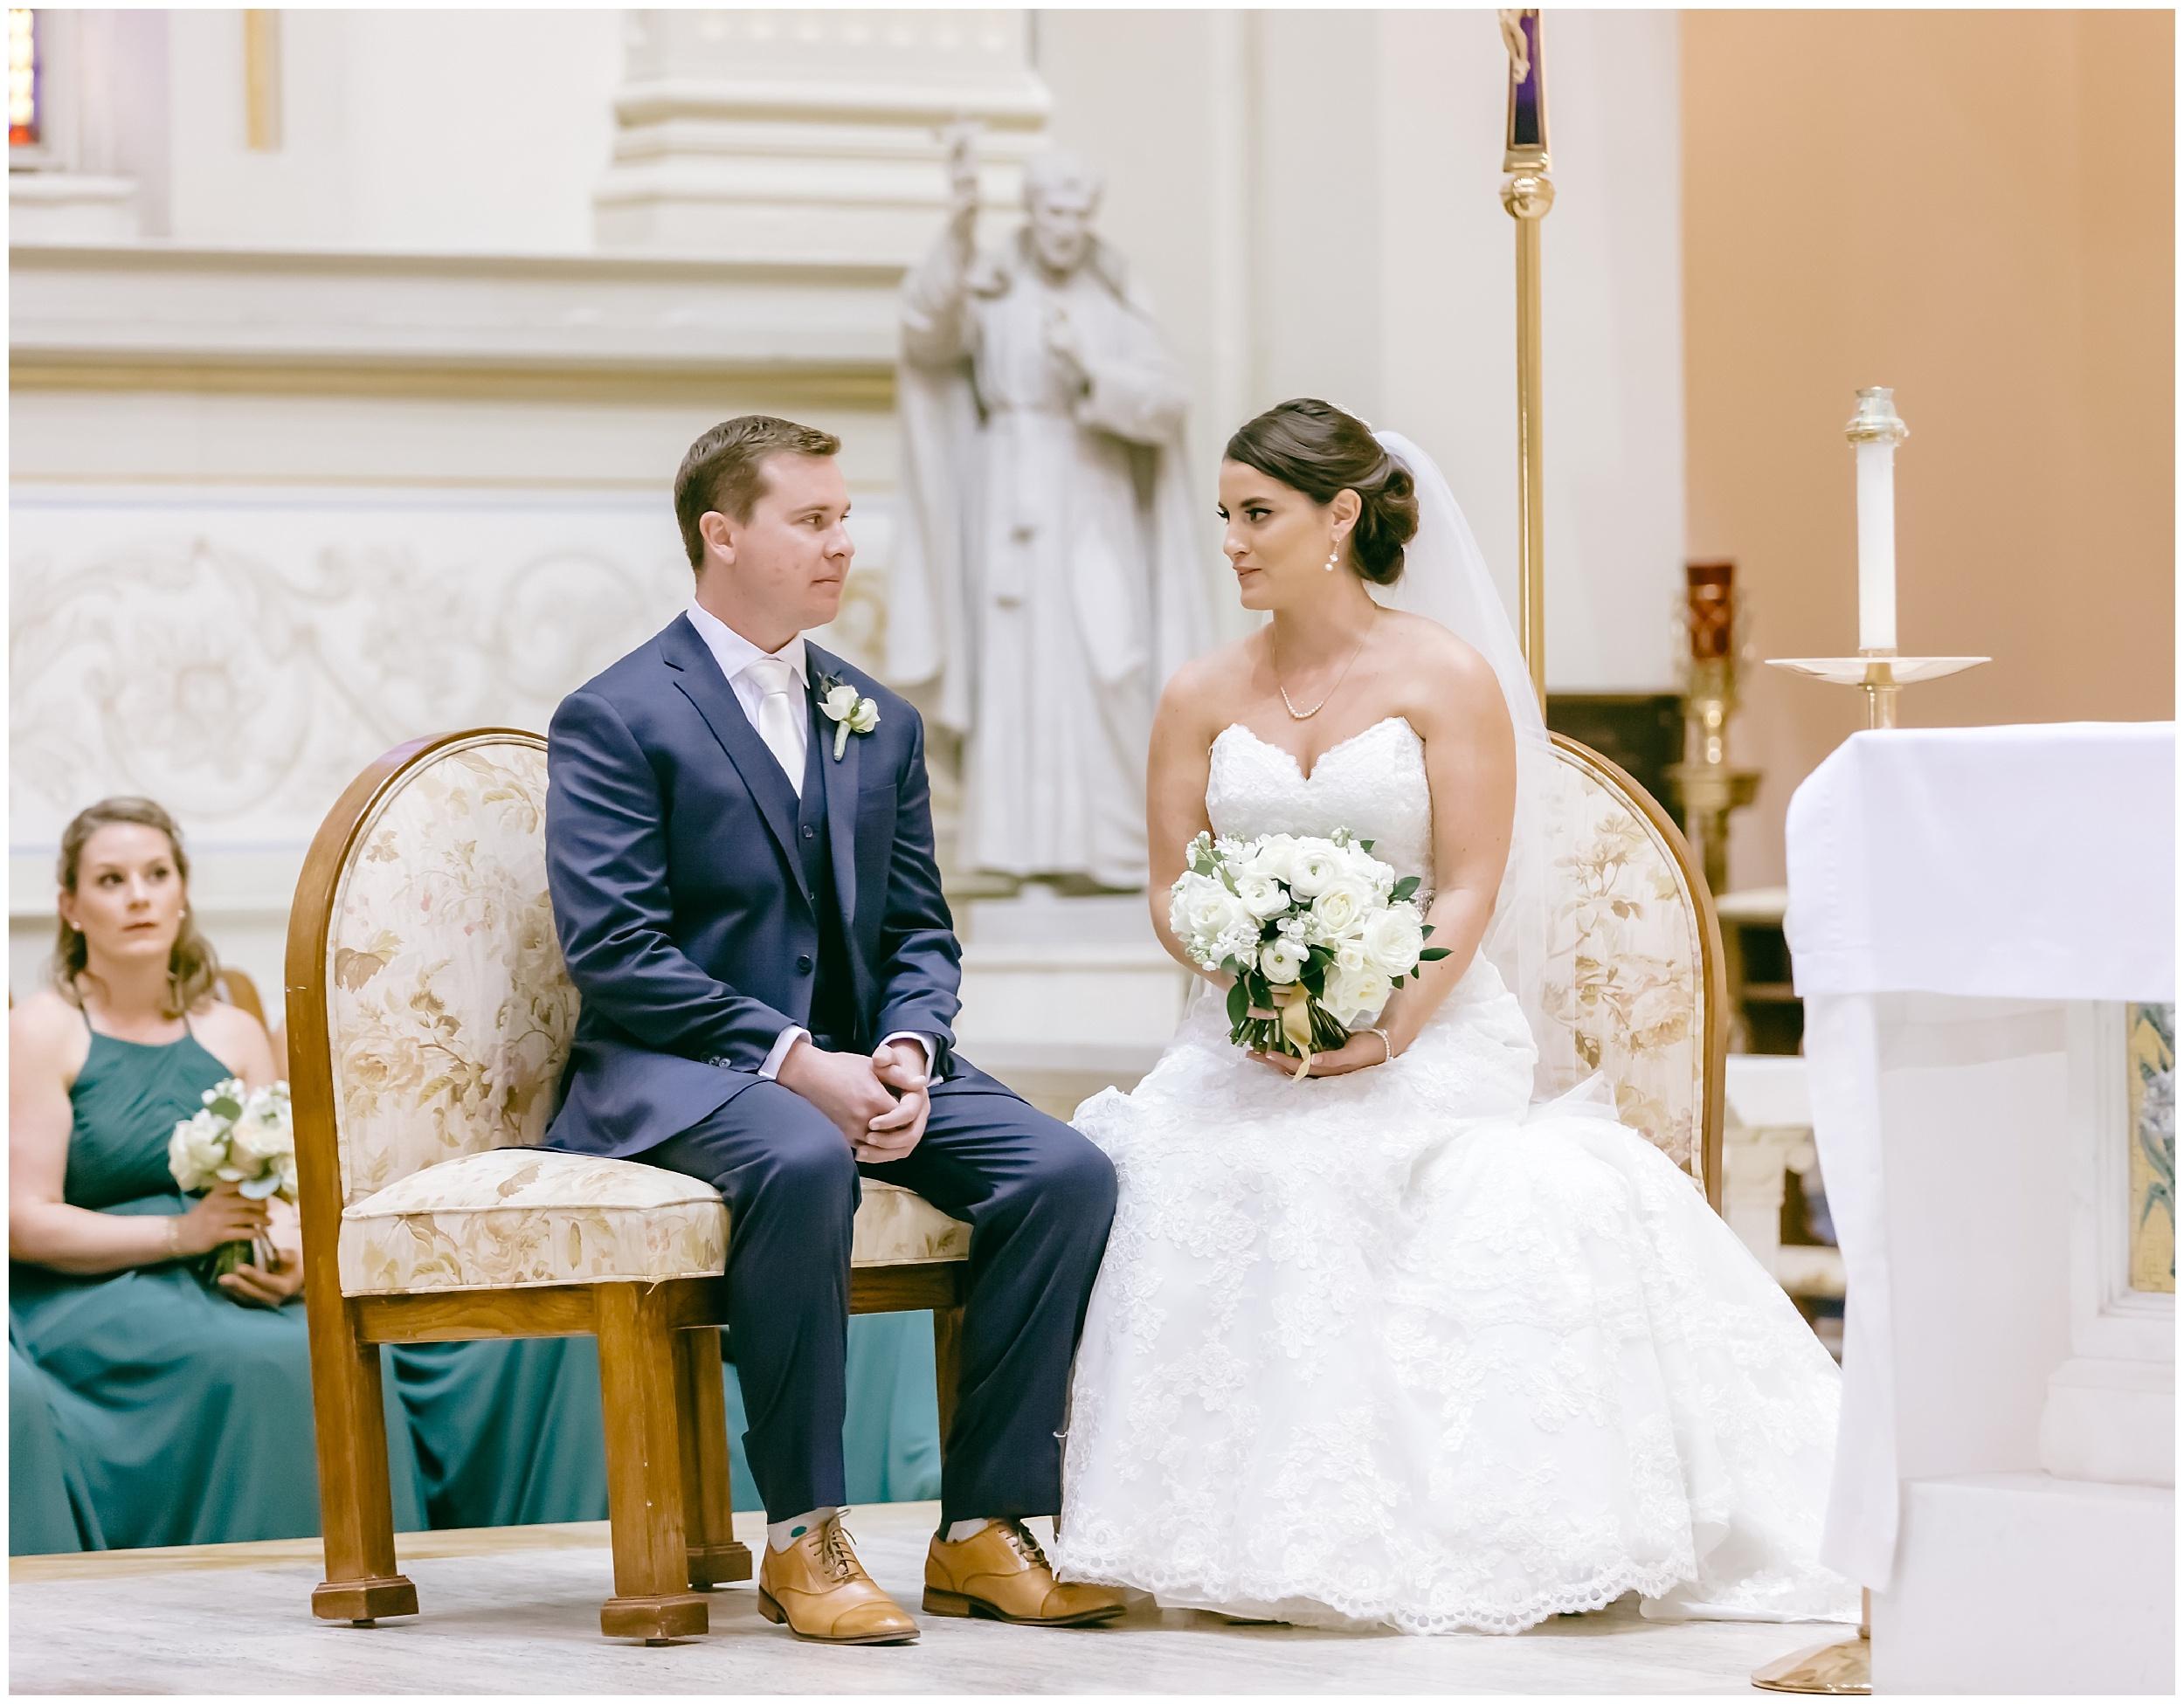 wedding-ceremony-bride-groom-seated-catholic-washington-dc-photographer